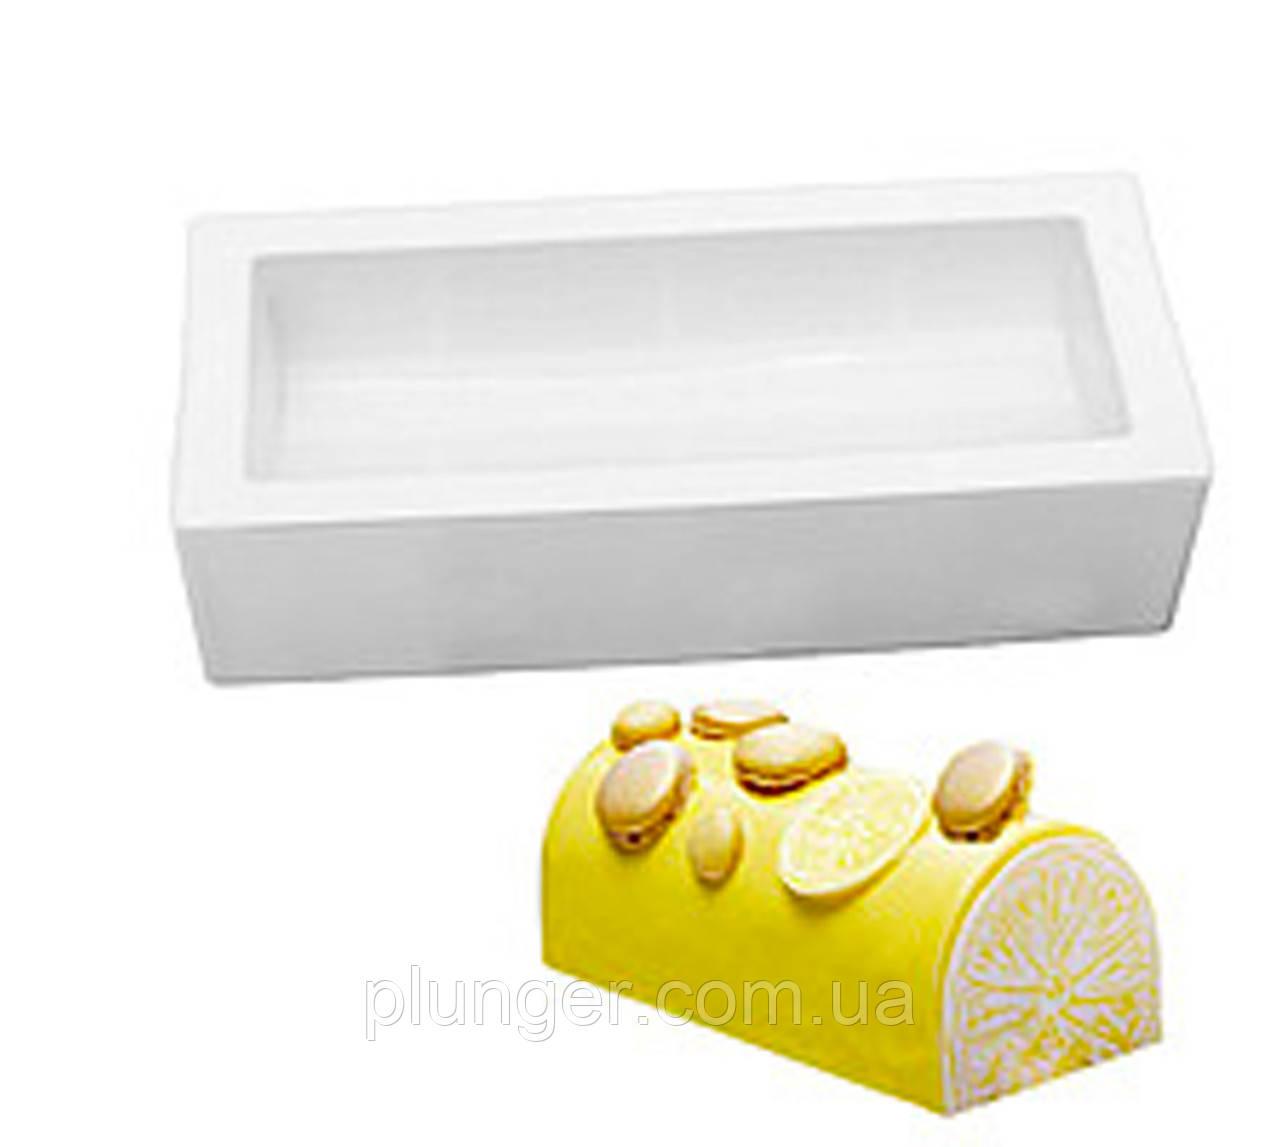 Купить форму для торта полено